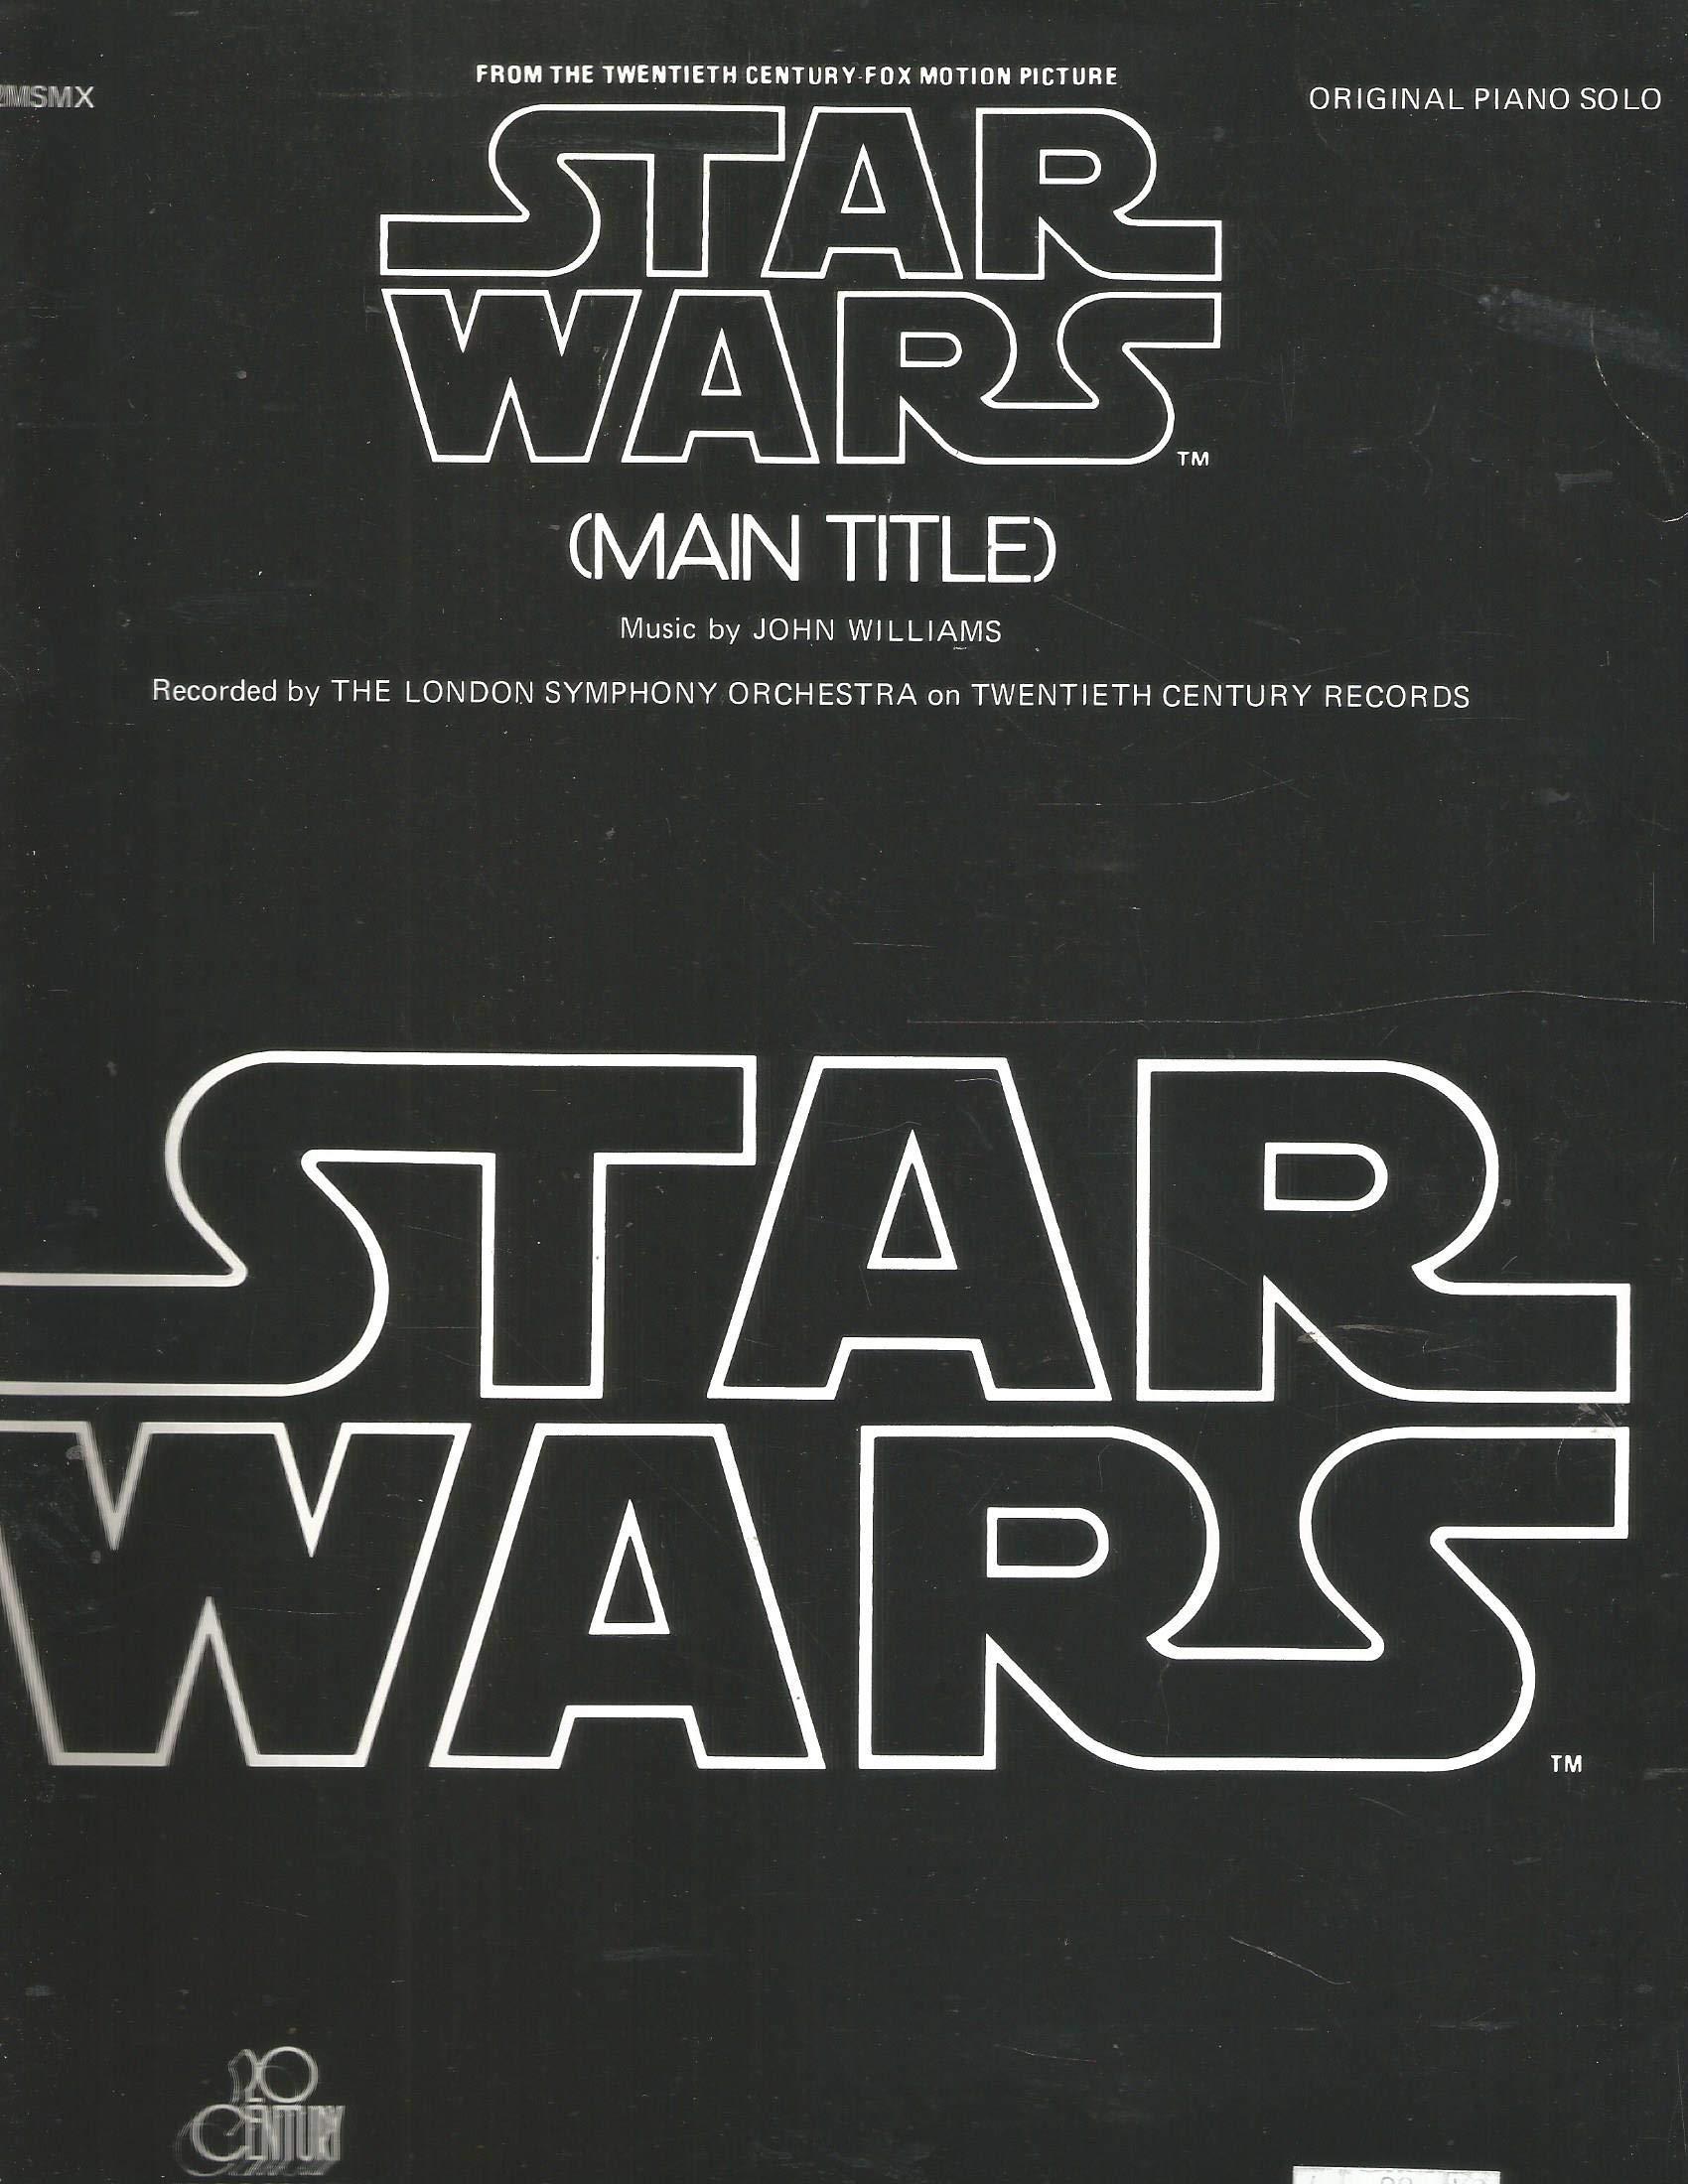 Star Wars Main Title (Original Piano Solo)